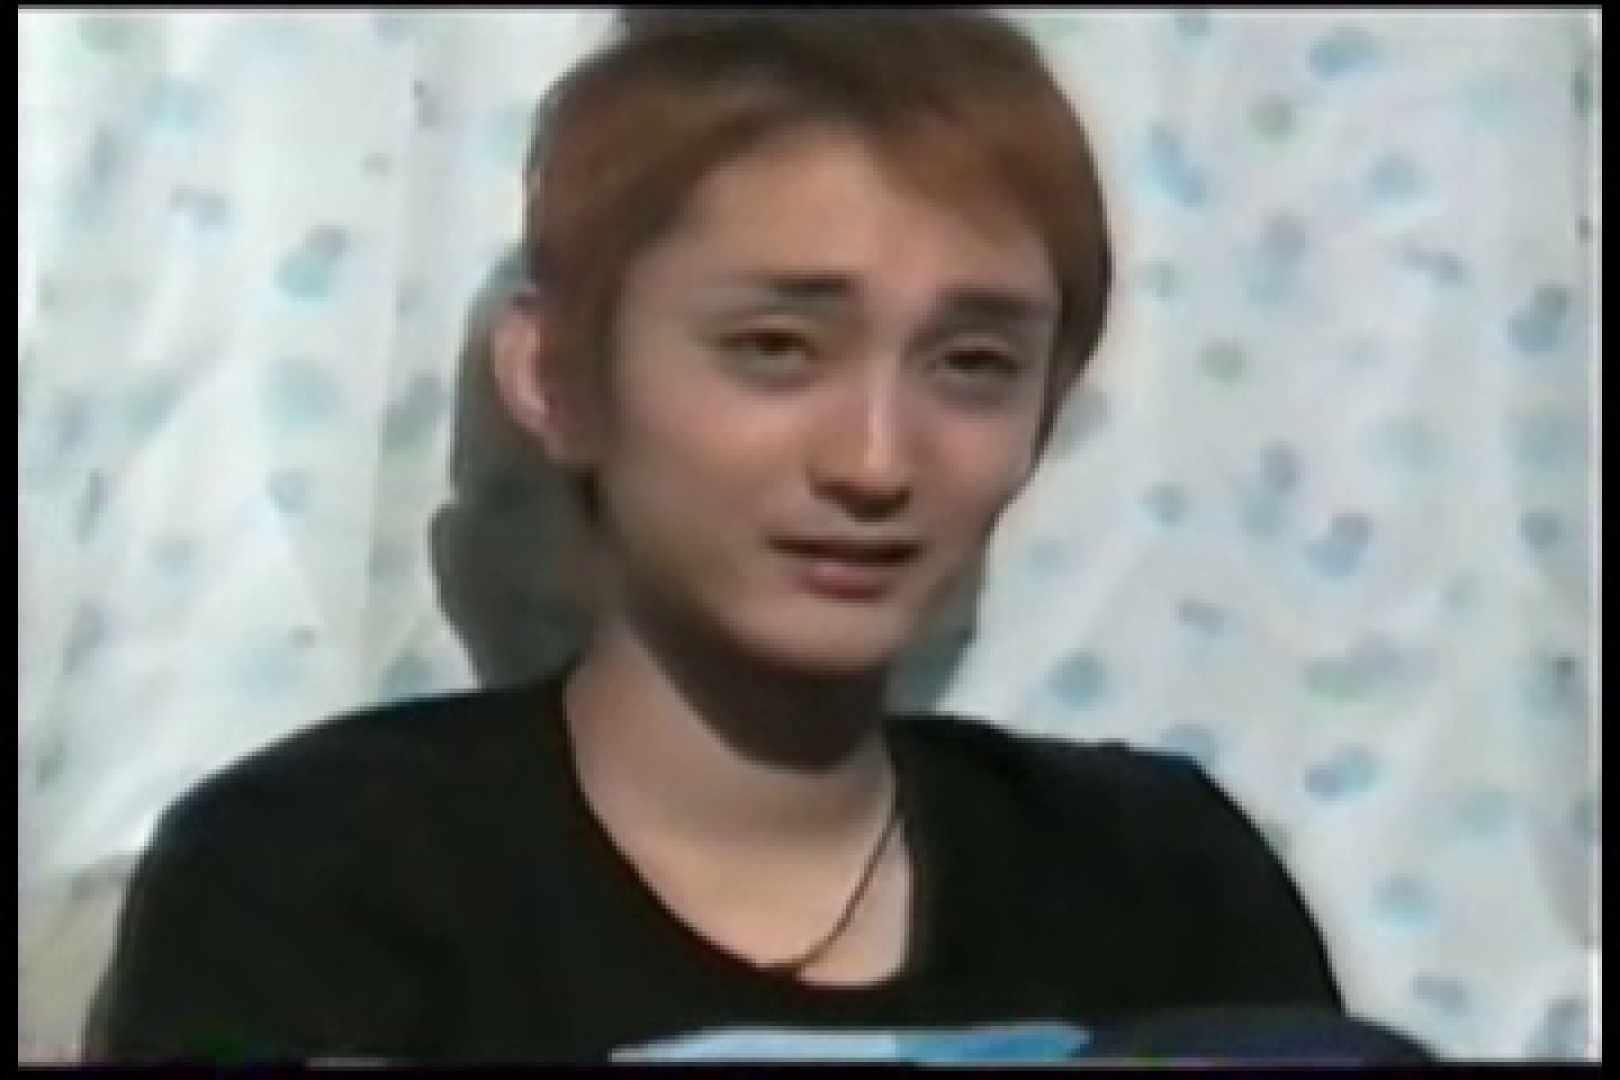 【流出】アイドルを目指したジャニ系イケメンの過去 イケメンパラダイス ケツマンスケベ画像 72pic 28